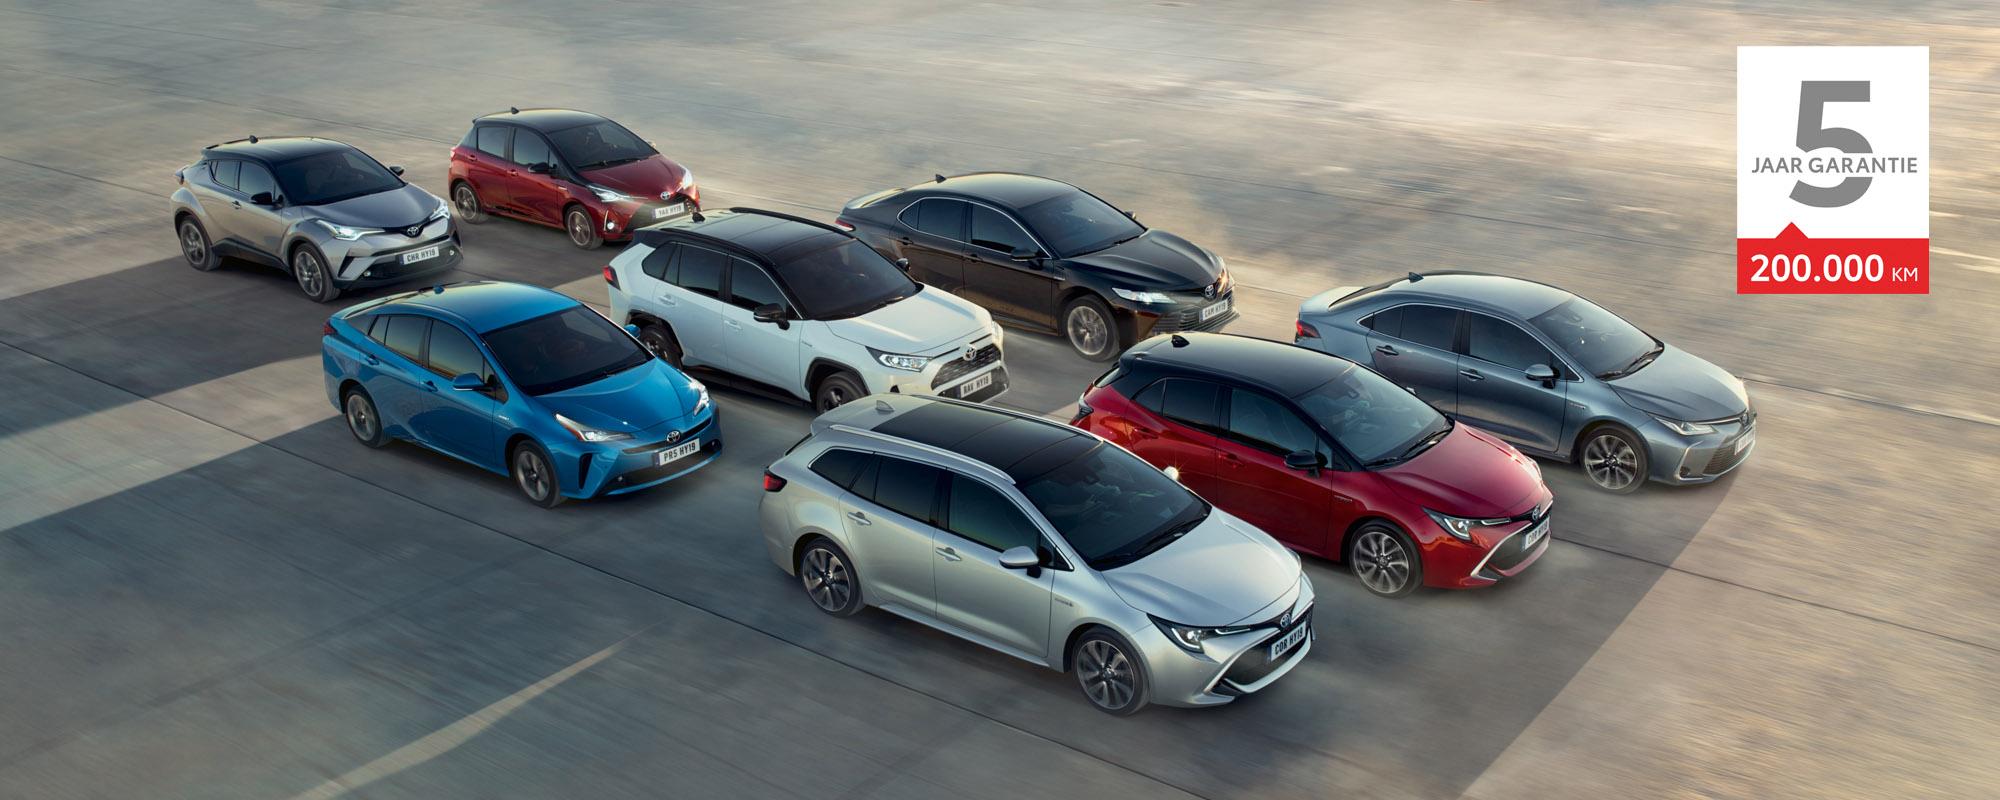 Voortaan standaard vijf jaar garantie op elke Toyota